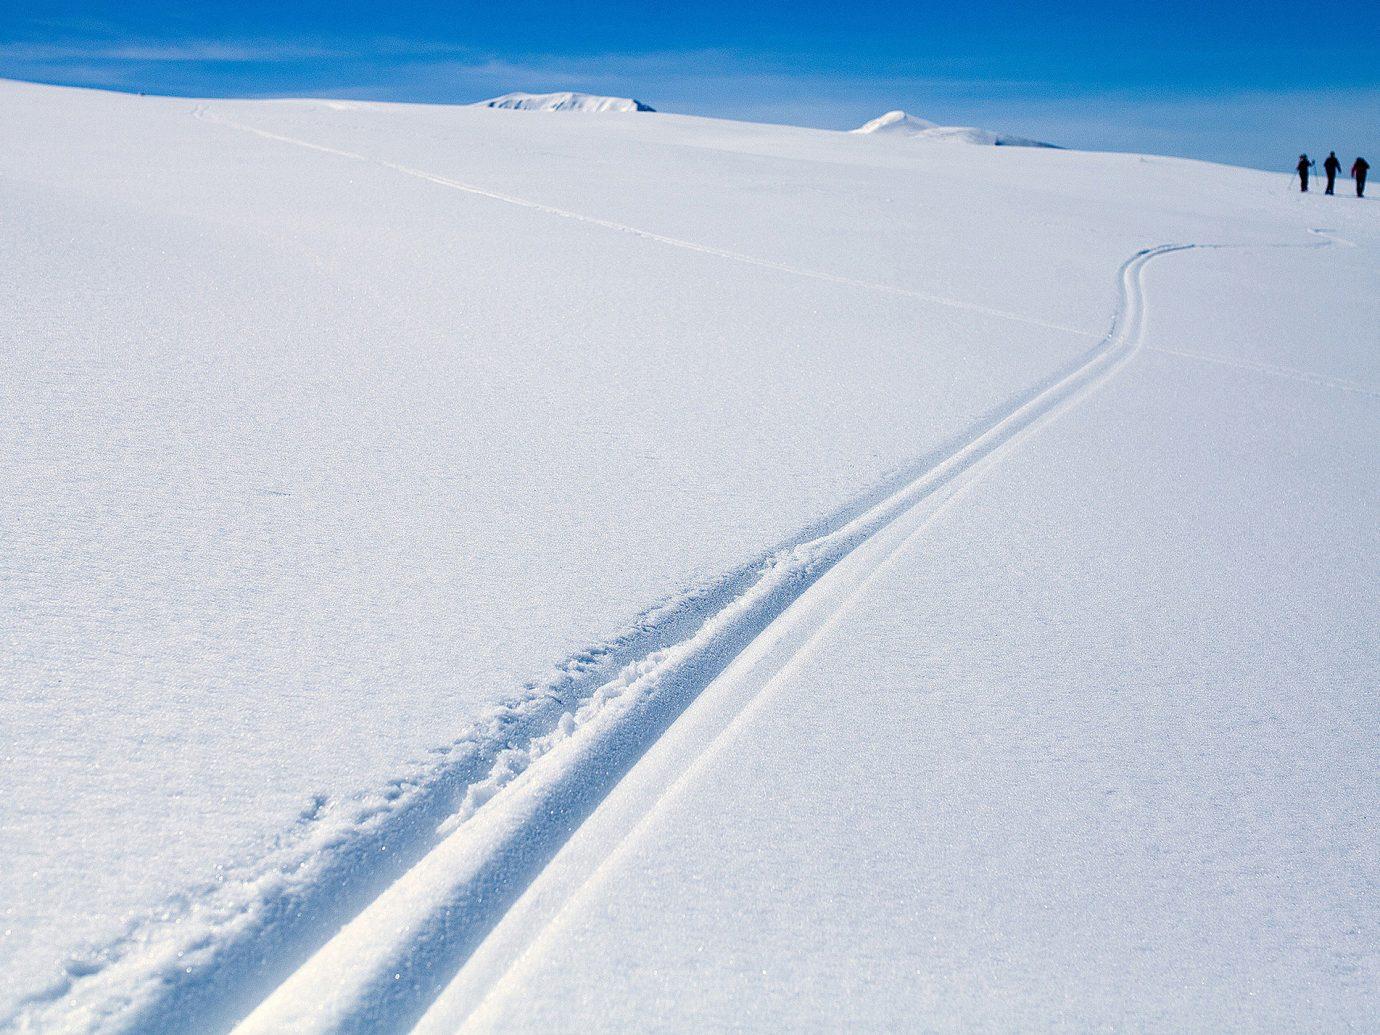 Adventure Trip Ideas snow outdoor skiing piste Winter geological phenomenon slope Ski Nature ski equipment hill mountain winter sport ski touring arctic ski mountaineering mountain range day